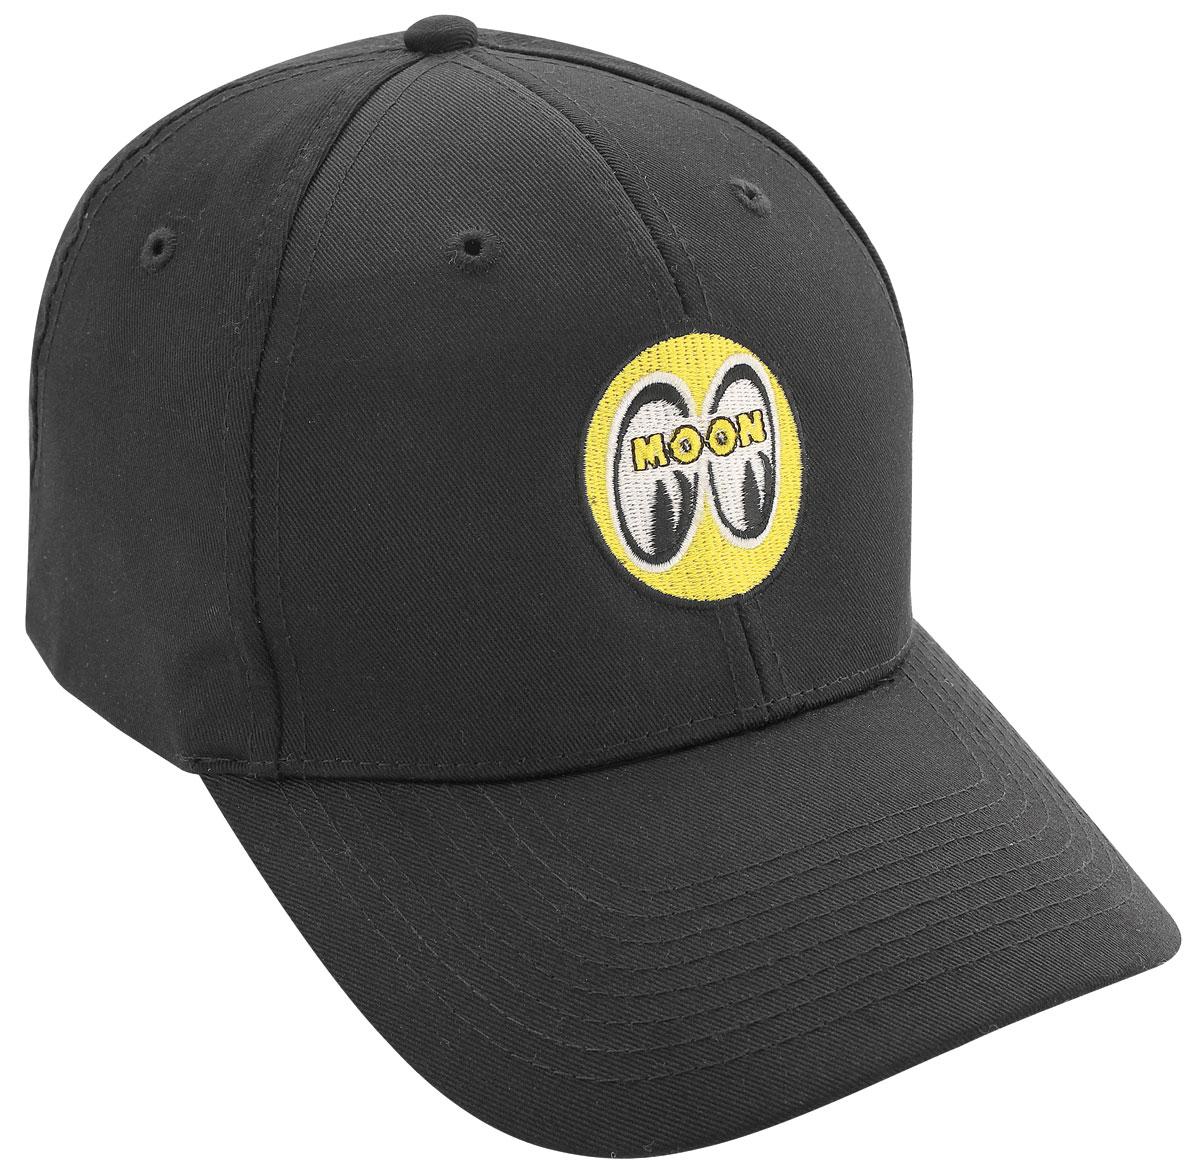 Hat, Mooneyes, Black